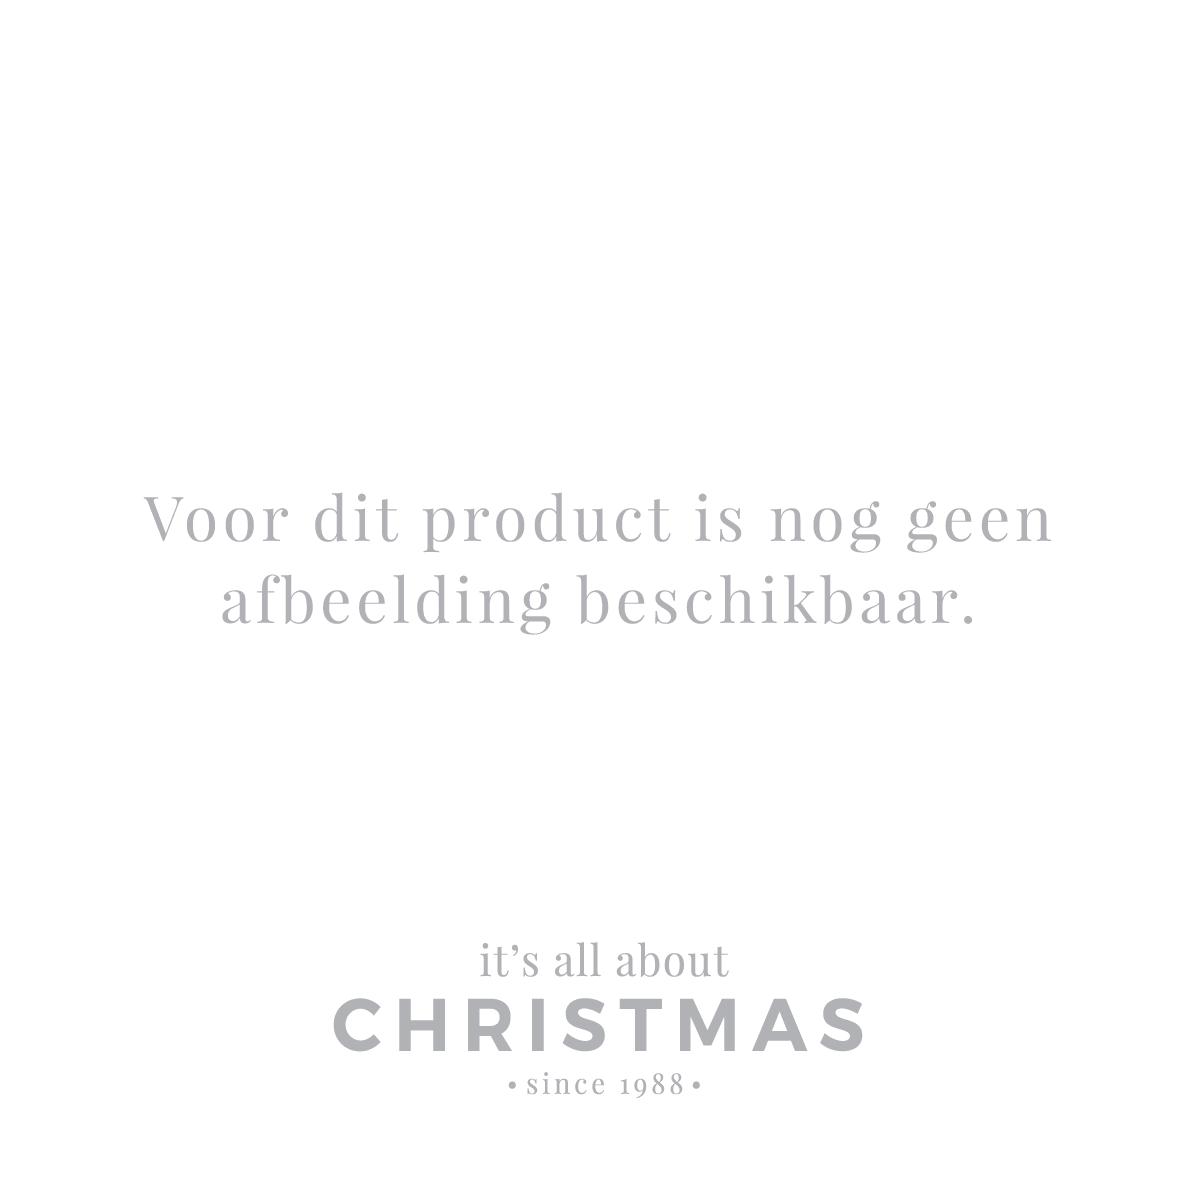 Aufbewahrungsbox Christbaumkugeln.44 Christbaumkugeln Glas Bordeauxrot It S All About Christmas